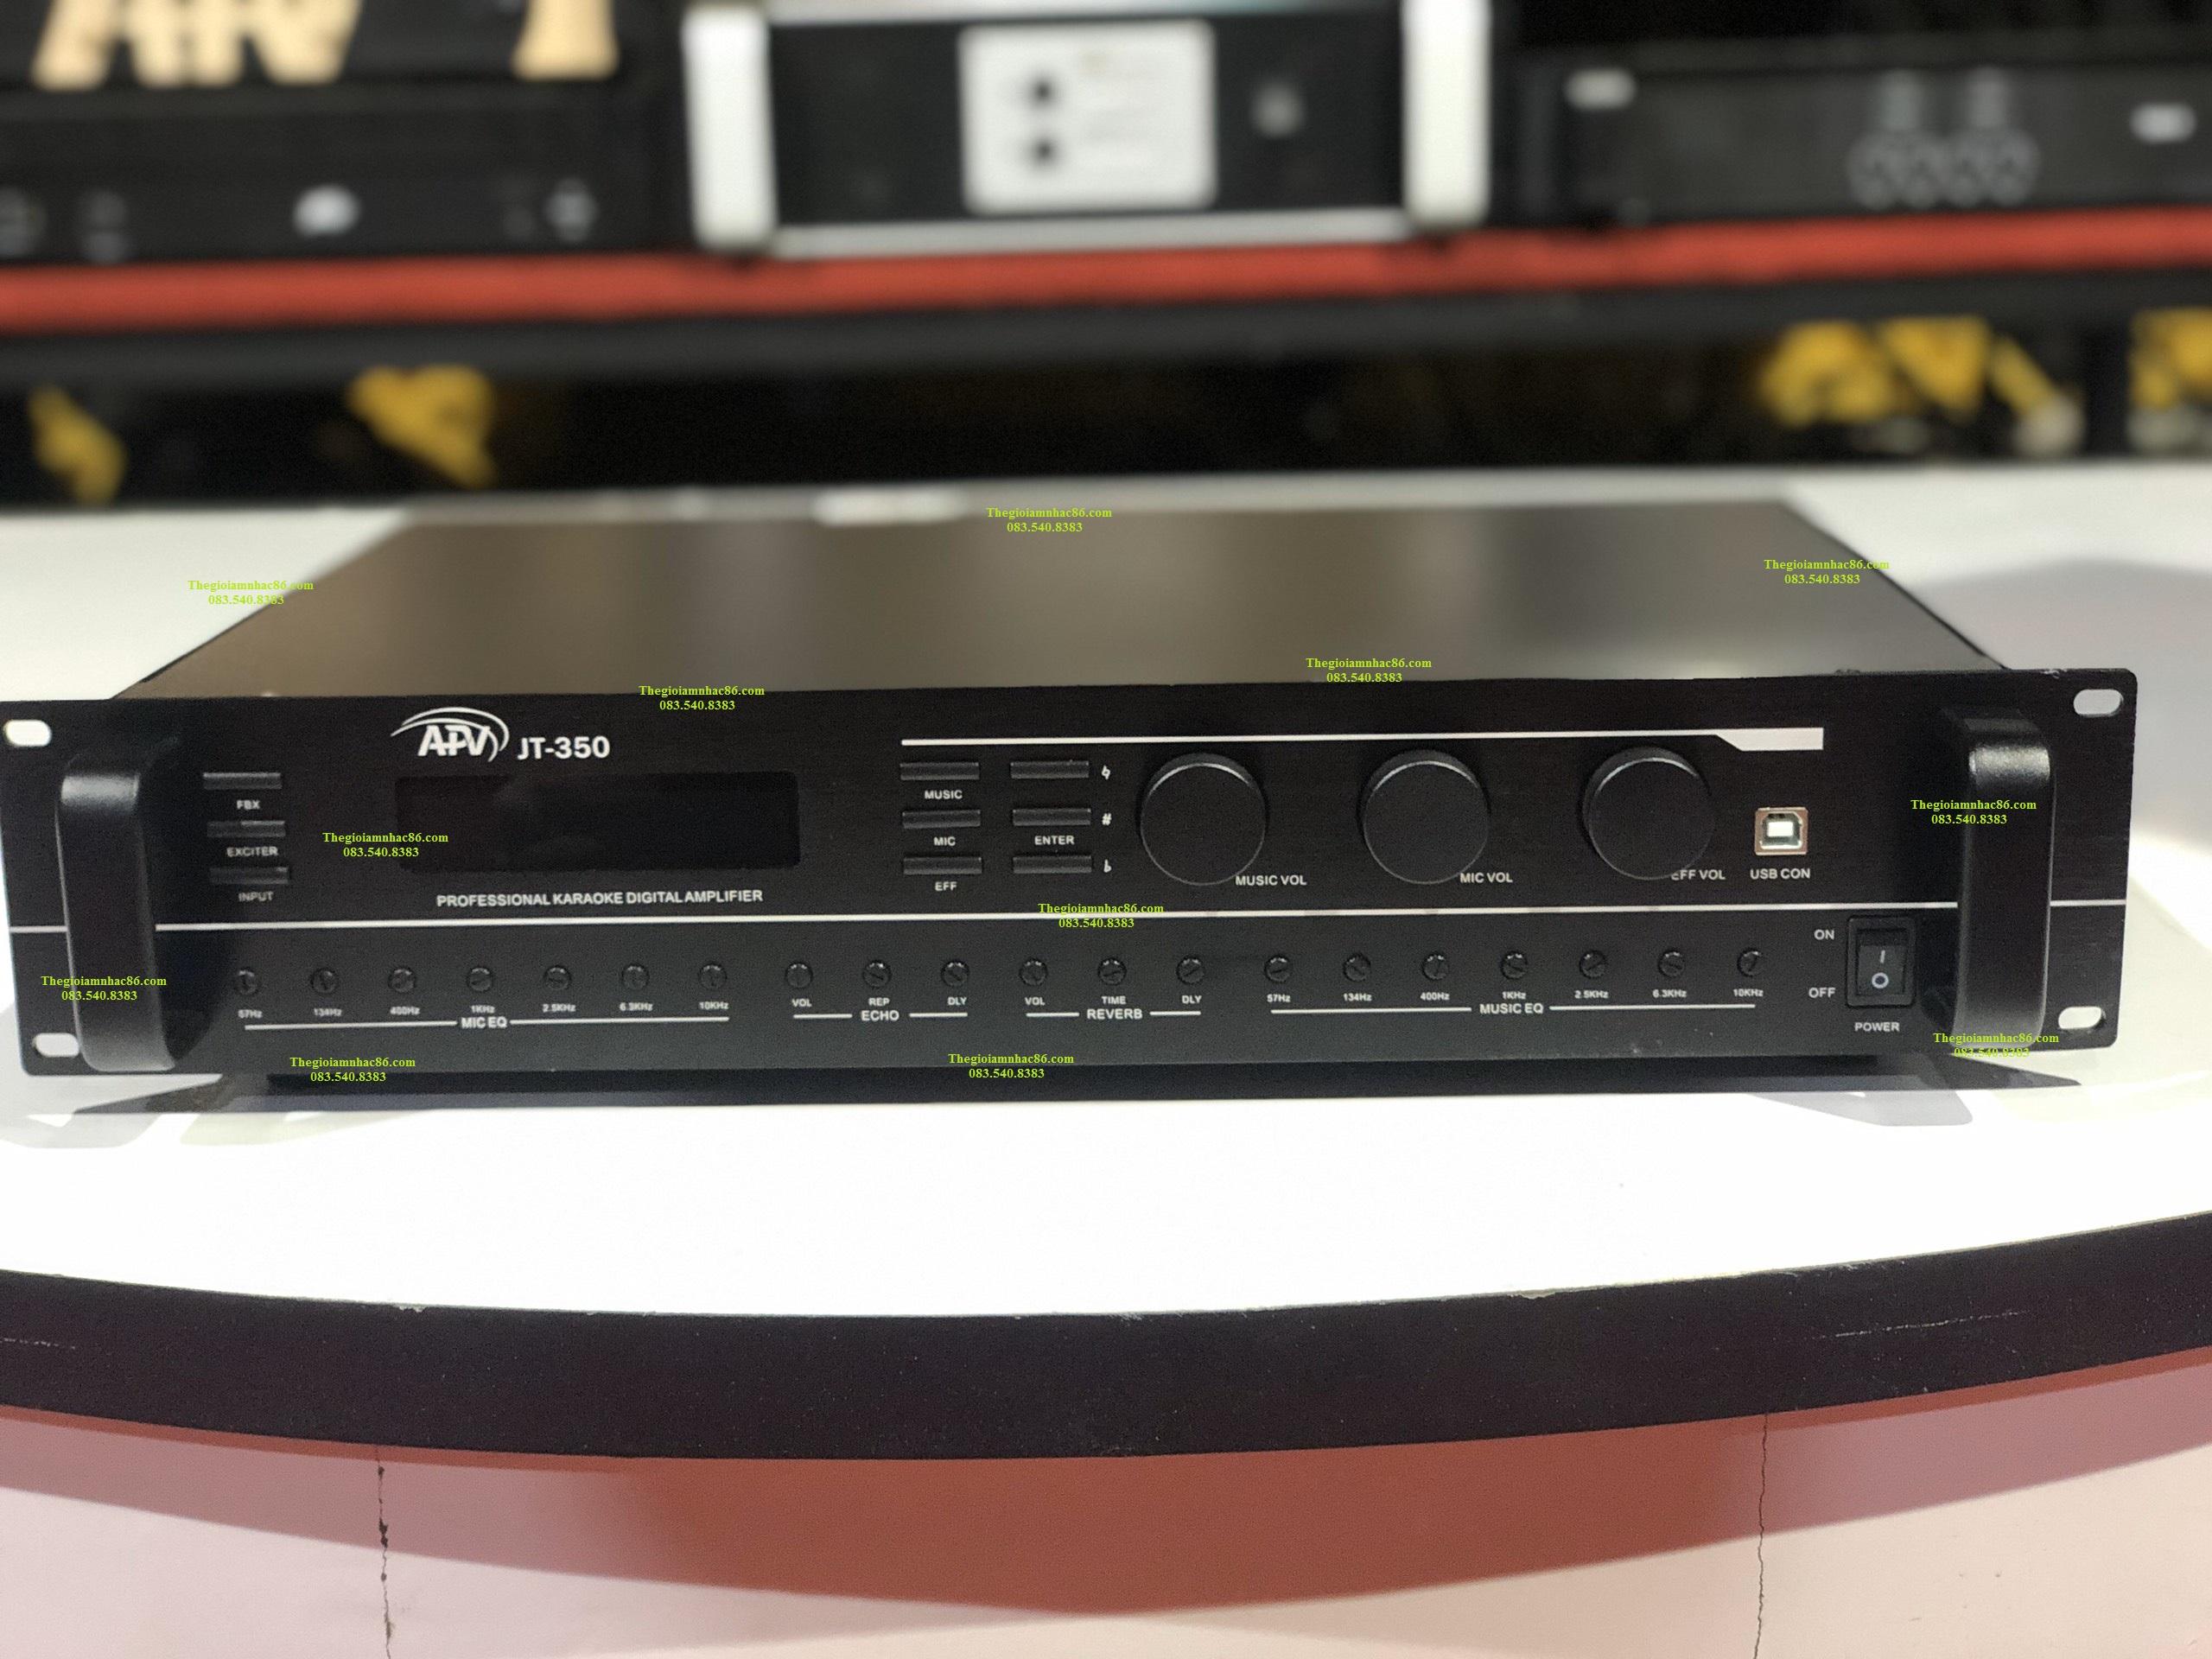 Amply kỹ thuật số APV JT 350